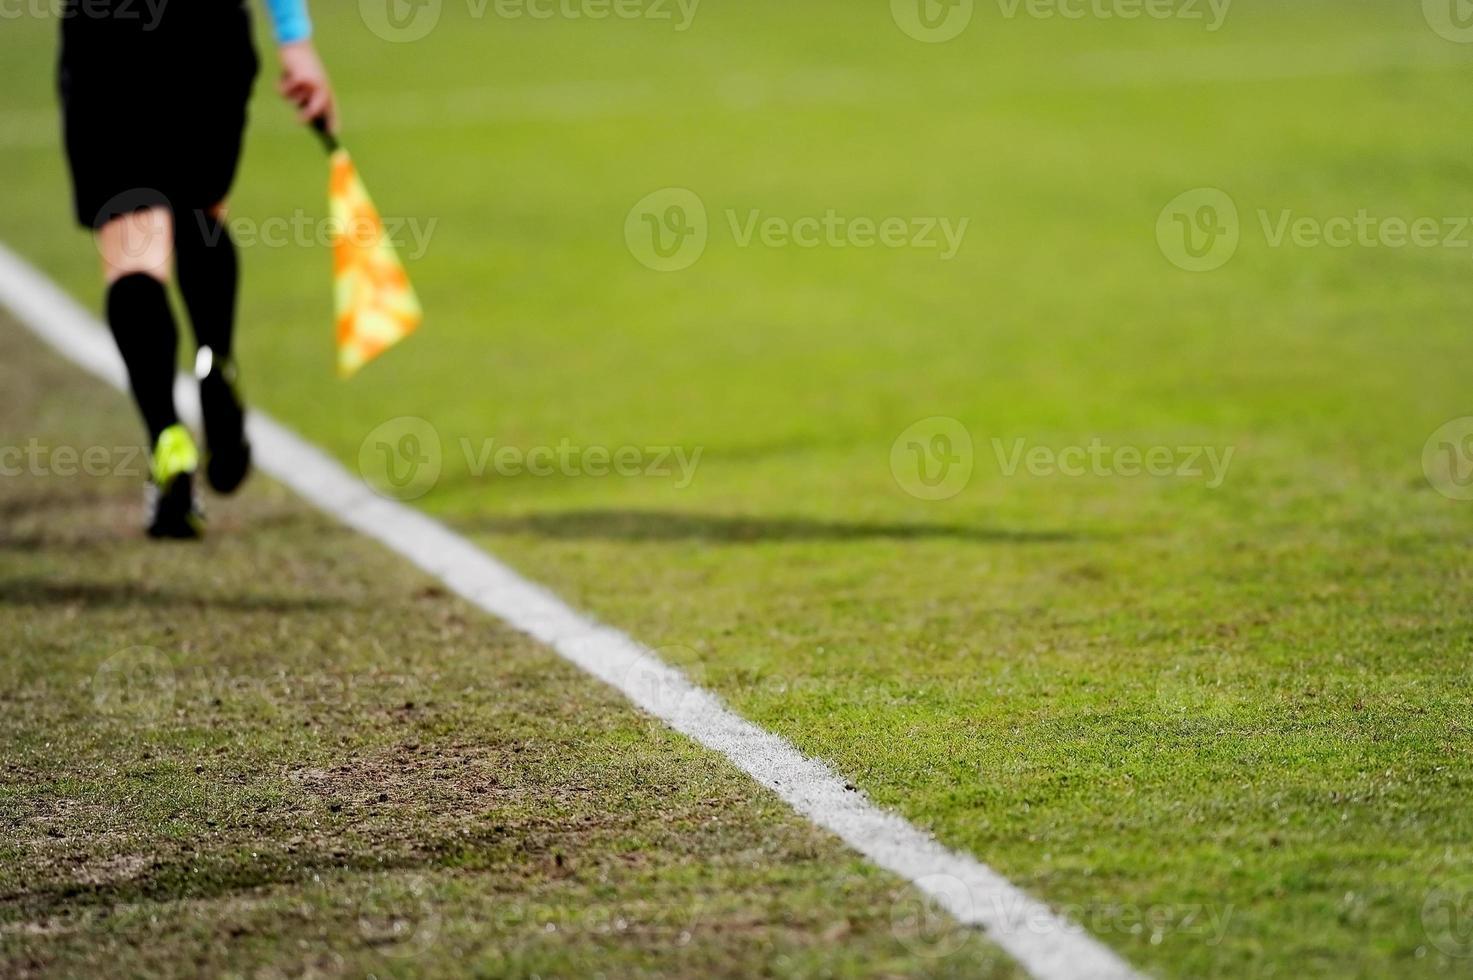 árbitro assistente em ação foto